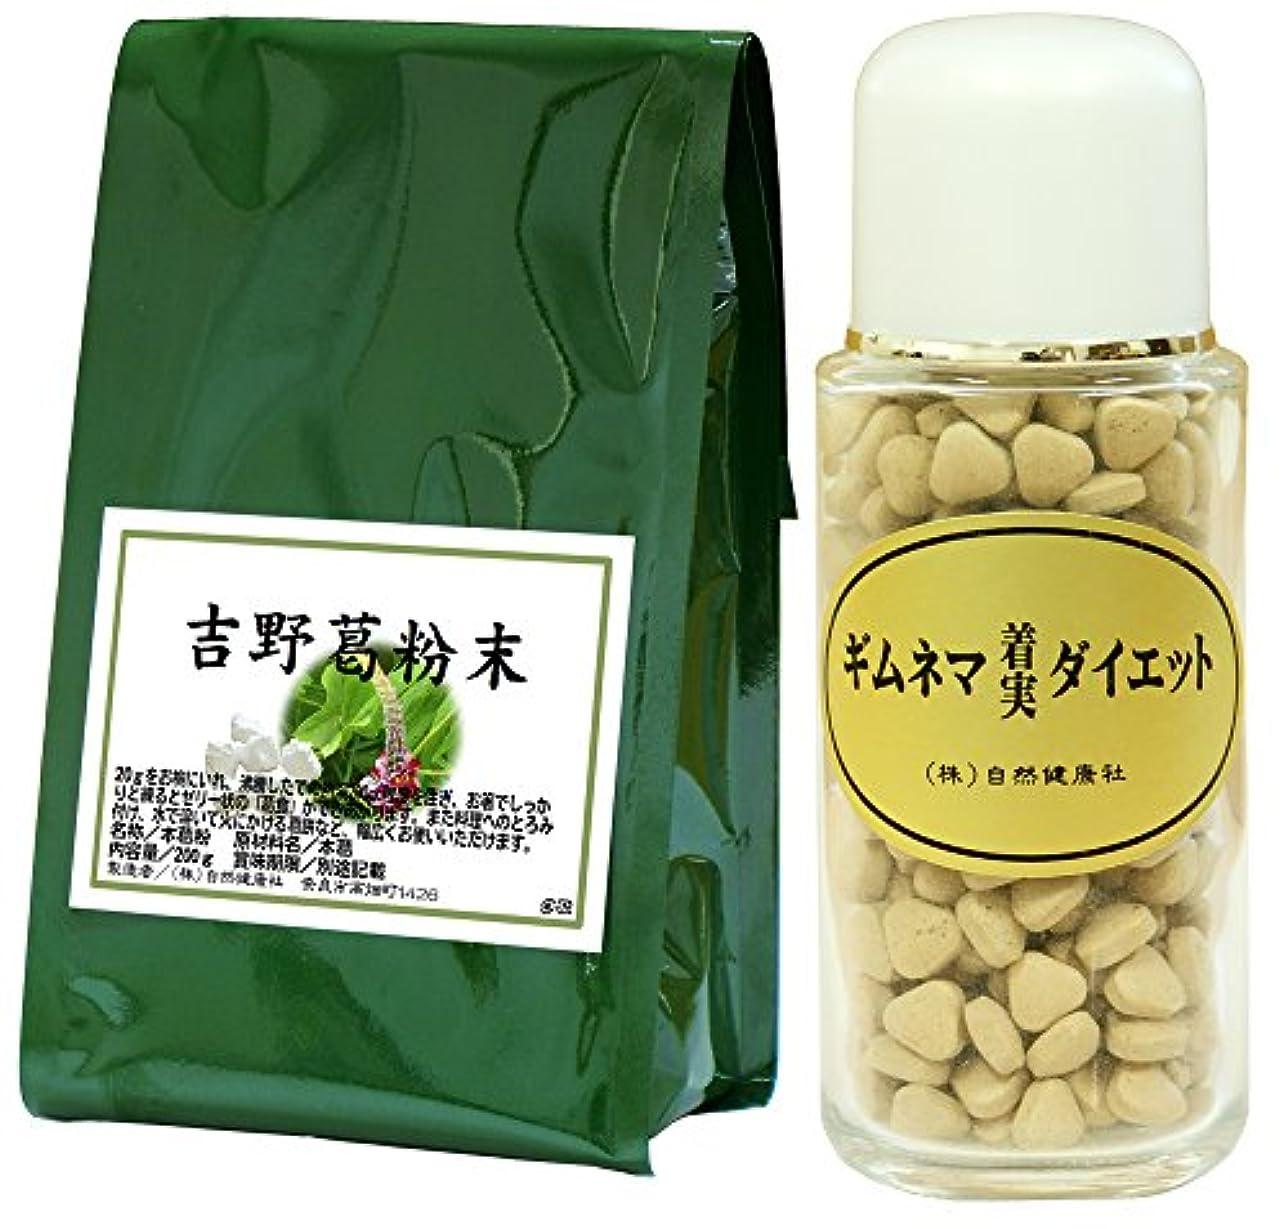 前述の受粉する効能ある自然健康社 国産吉野葛粉末 200g + ギムネマダイエット 90g